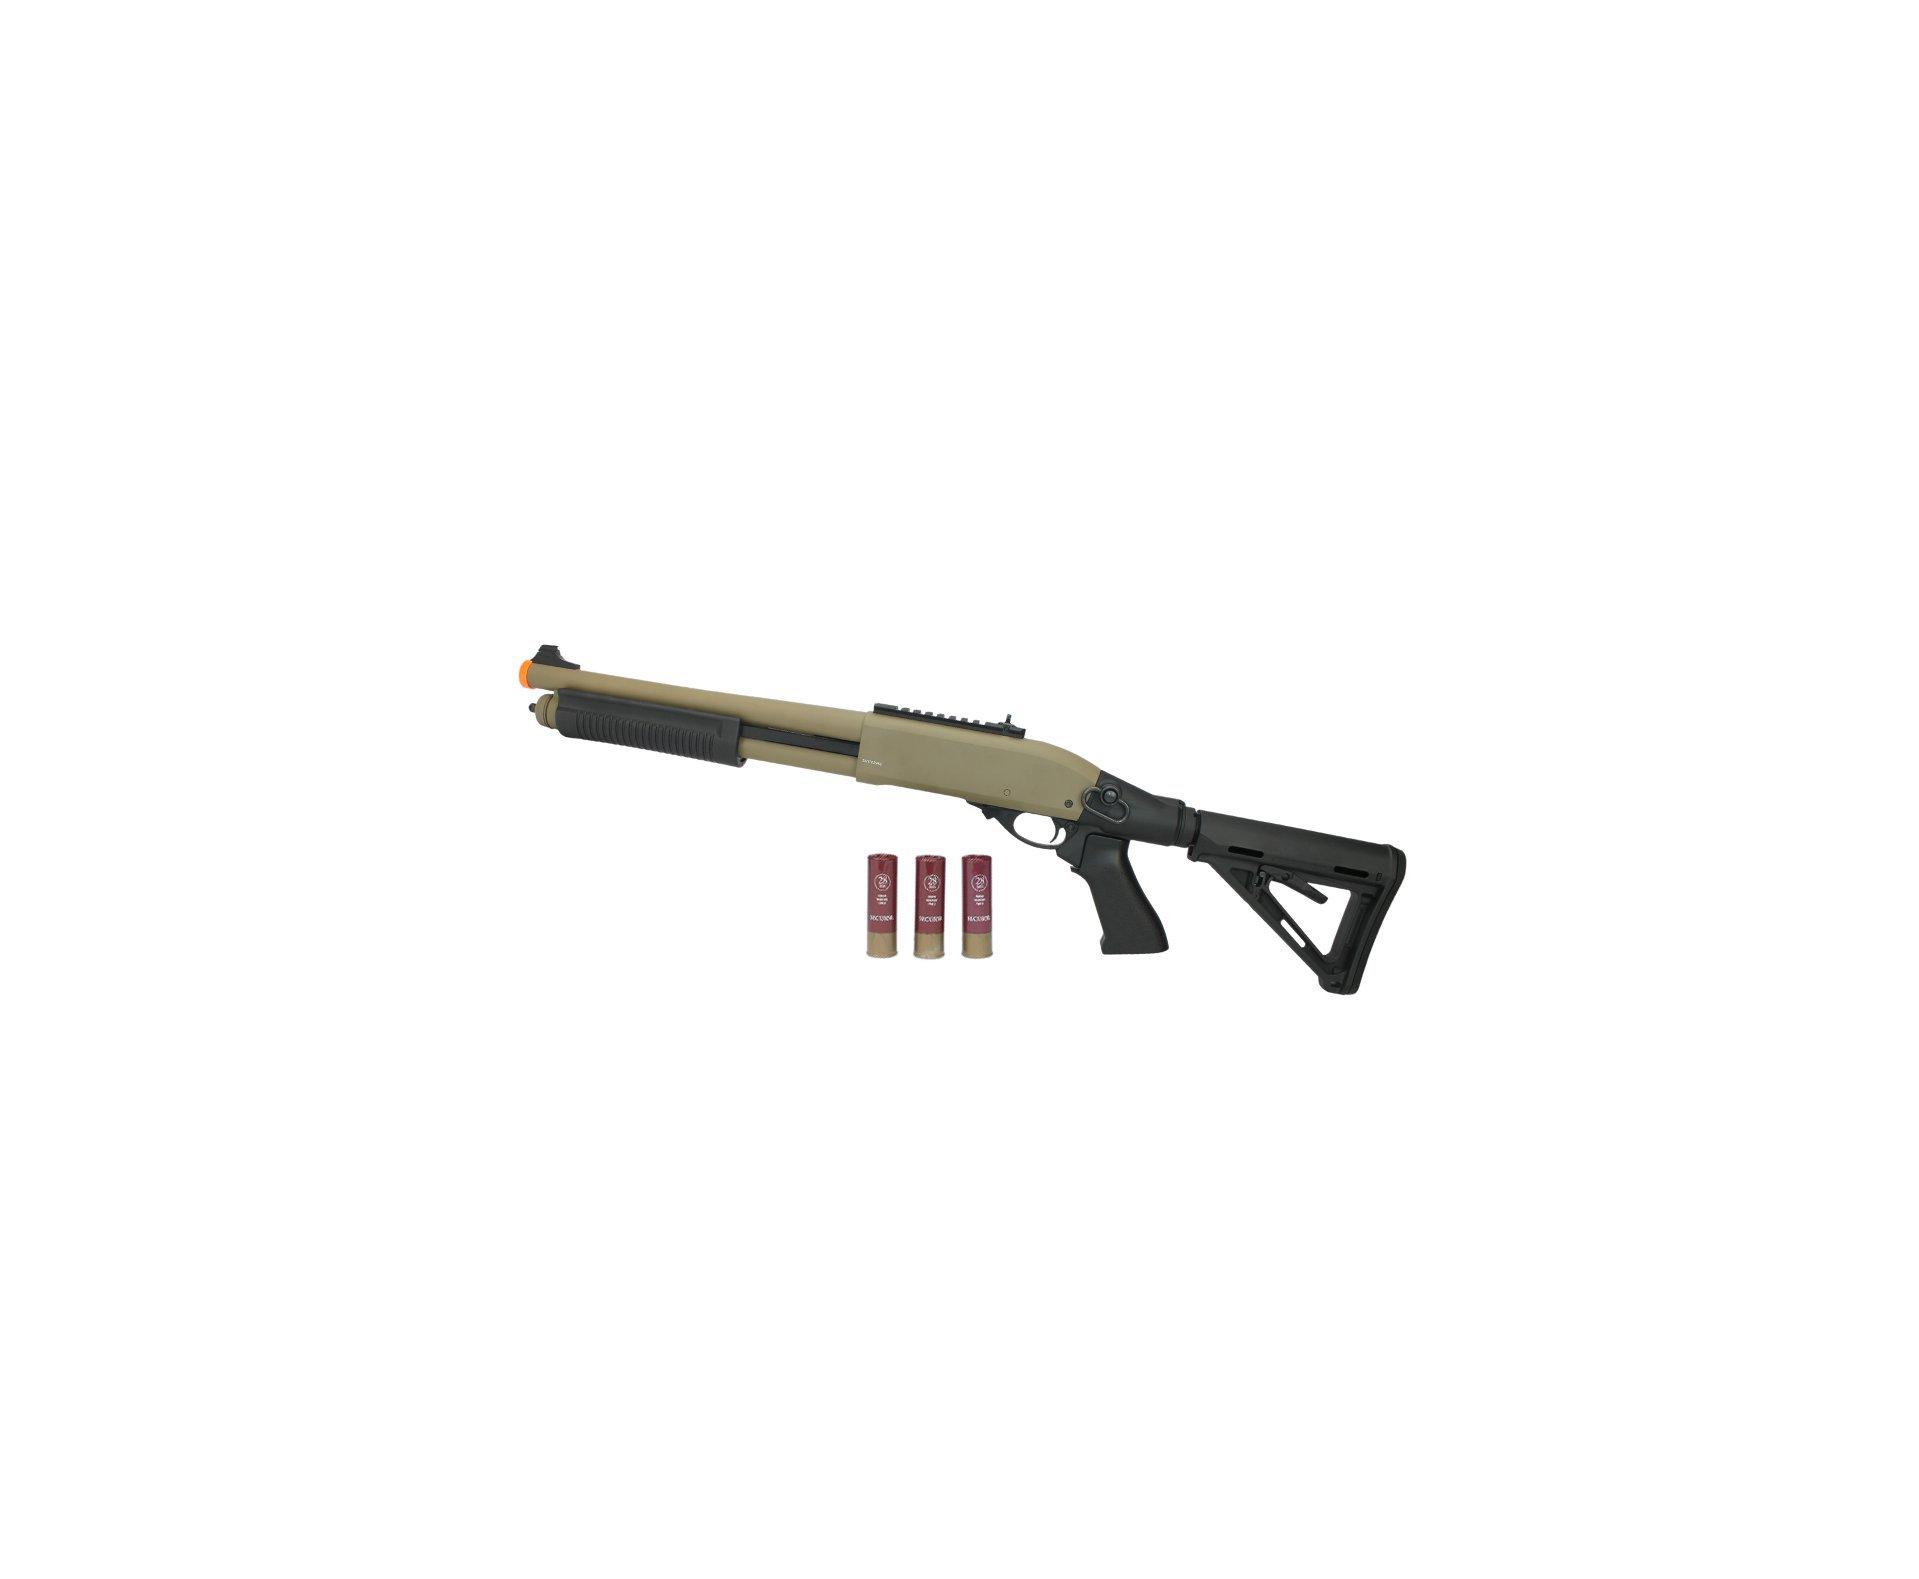 Escopeta Shotgun De Airsoft Full Metal Gbb Epg Velites G-iii Tan Cal 6mm V0006